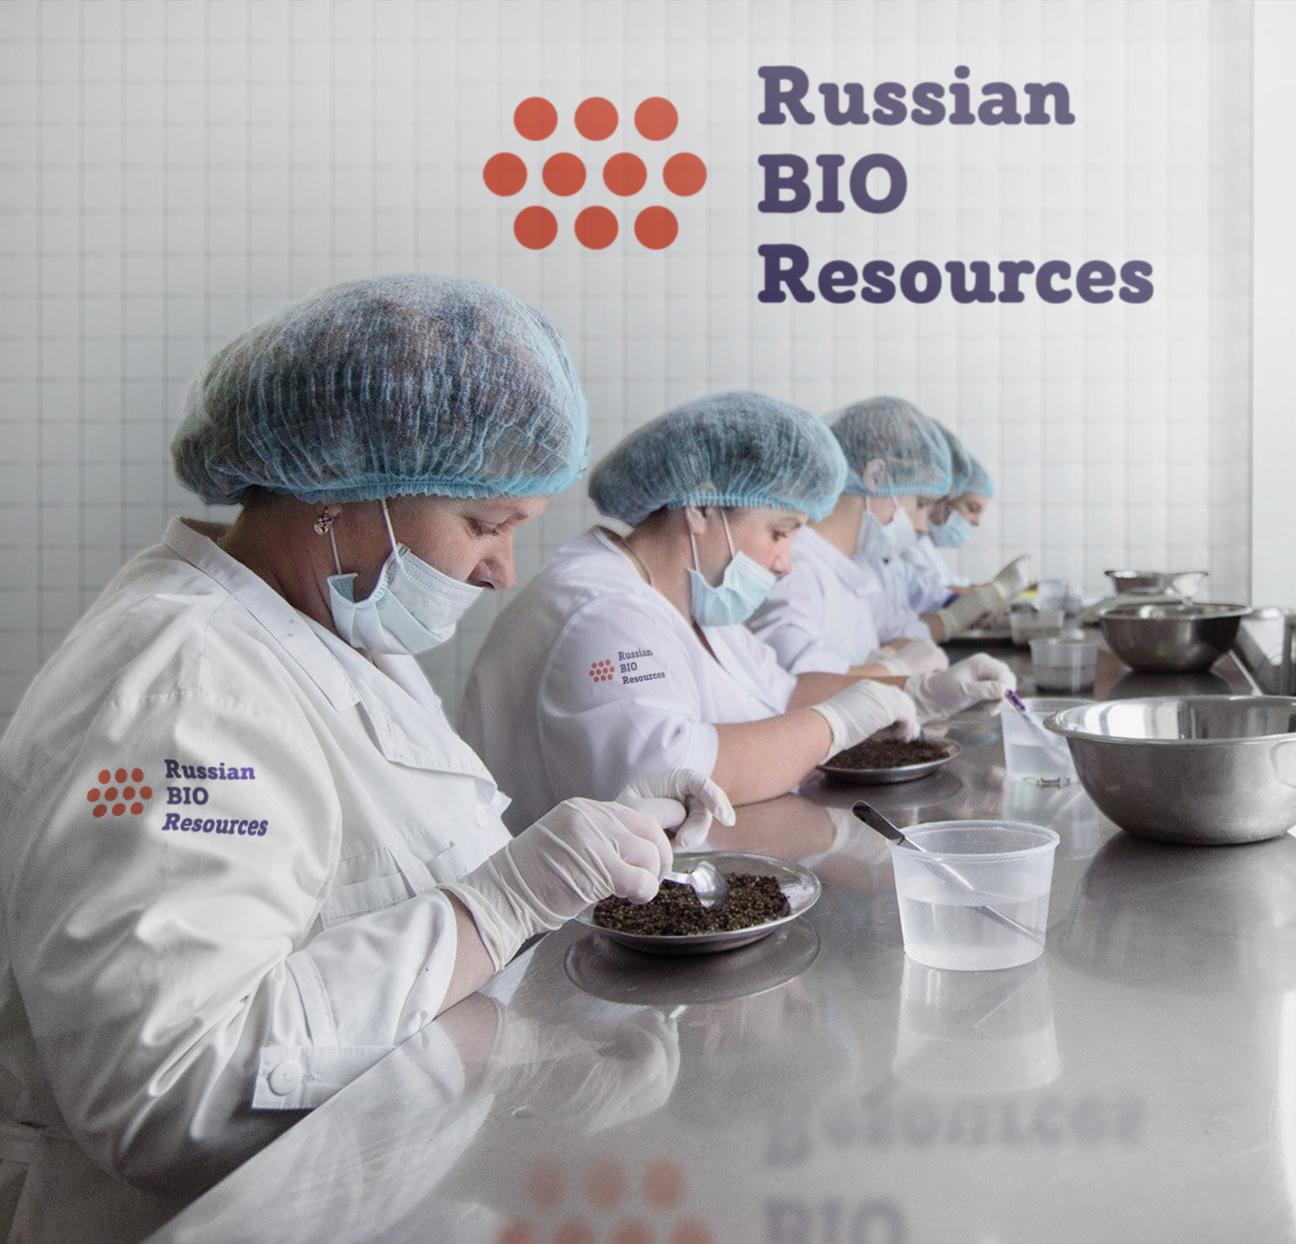 Разработка логотипа для компании «Русские Био Ресурсы» фото f_94958fccc096f9d7.jpg